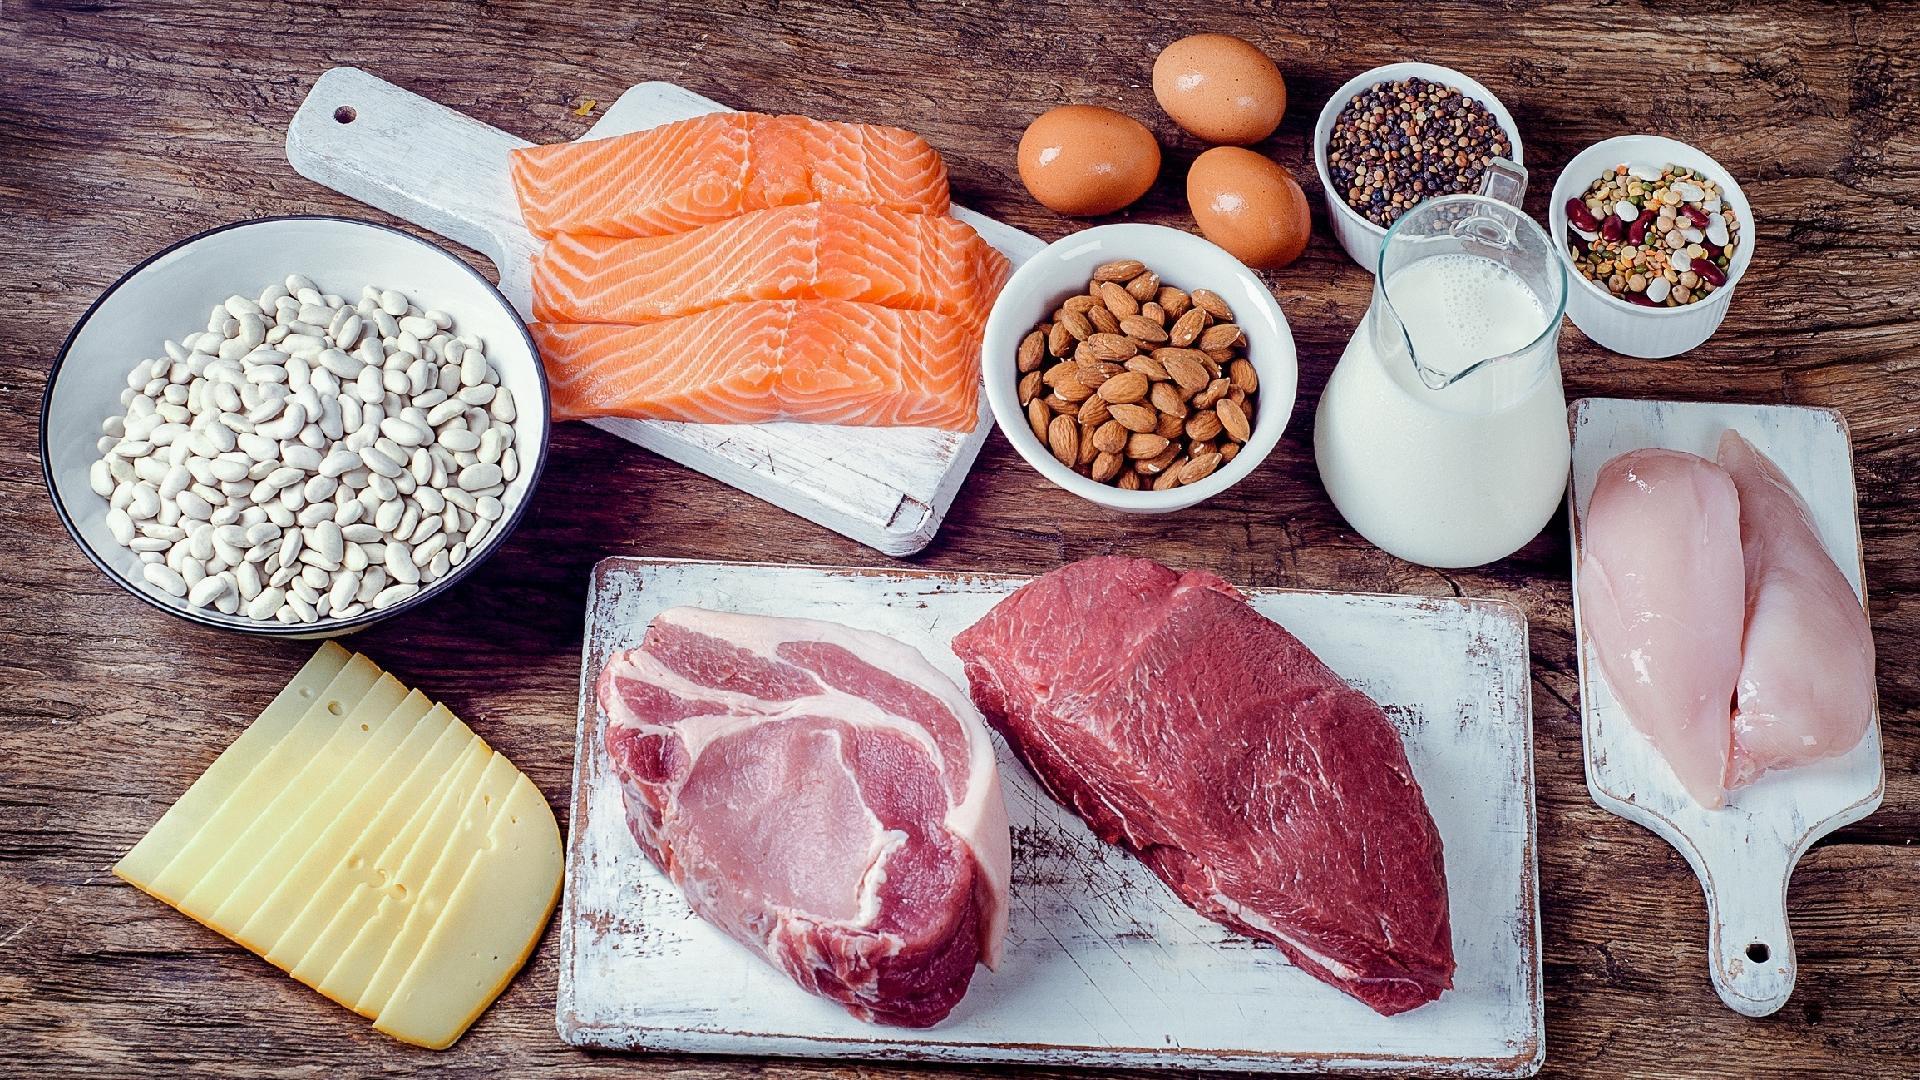 Dieta cetogênica melhora memória em adultos, diz estudo